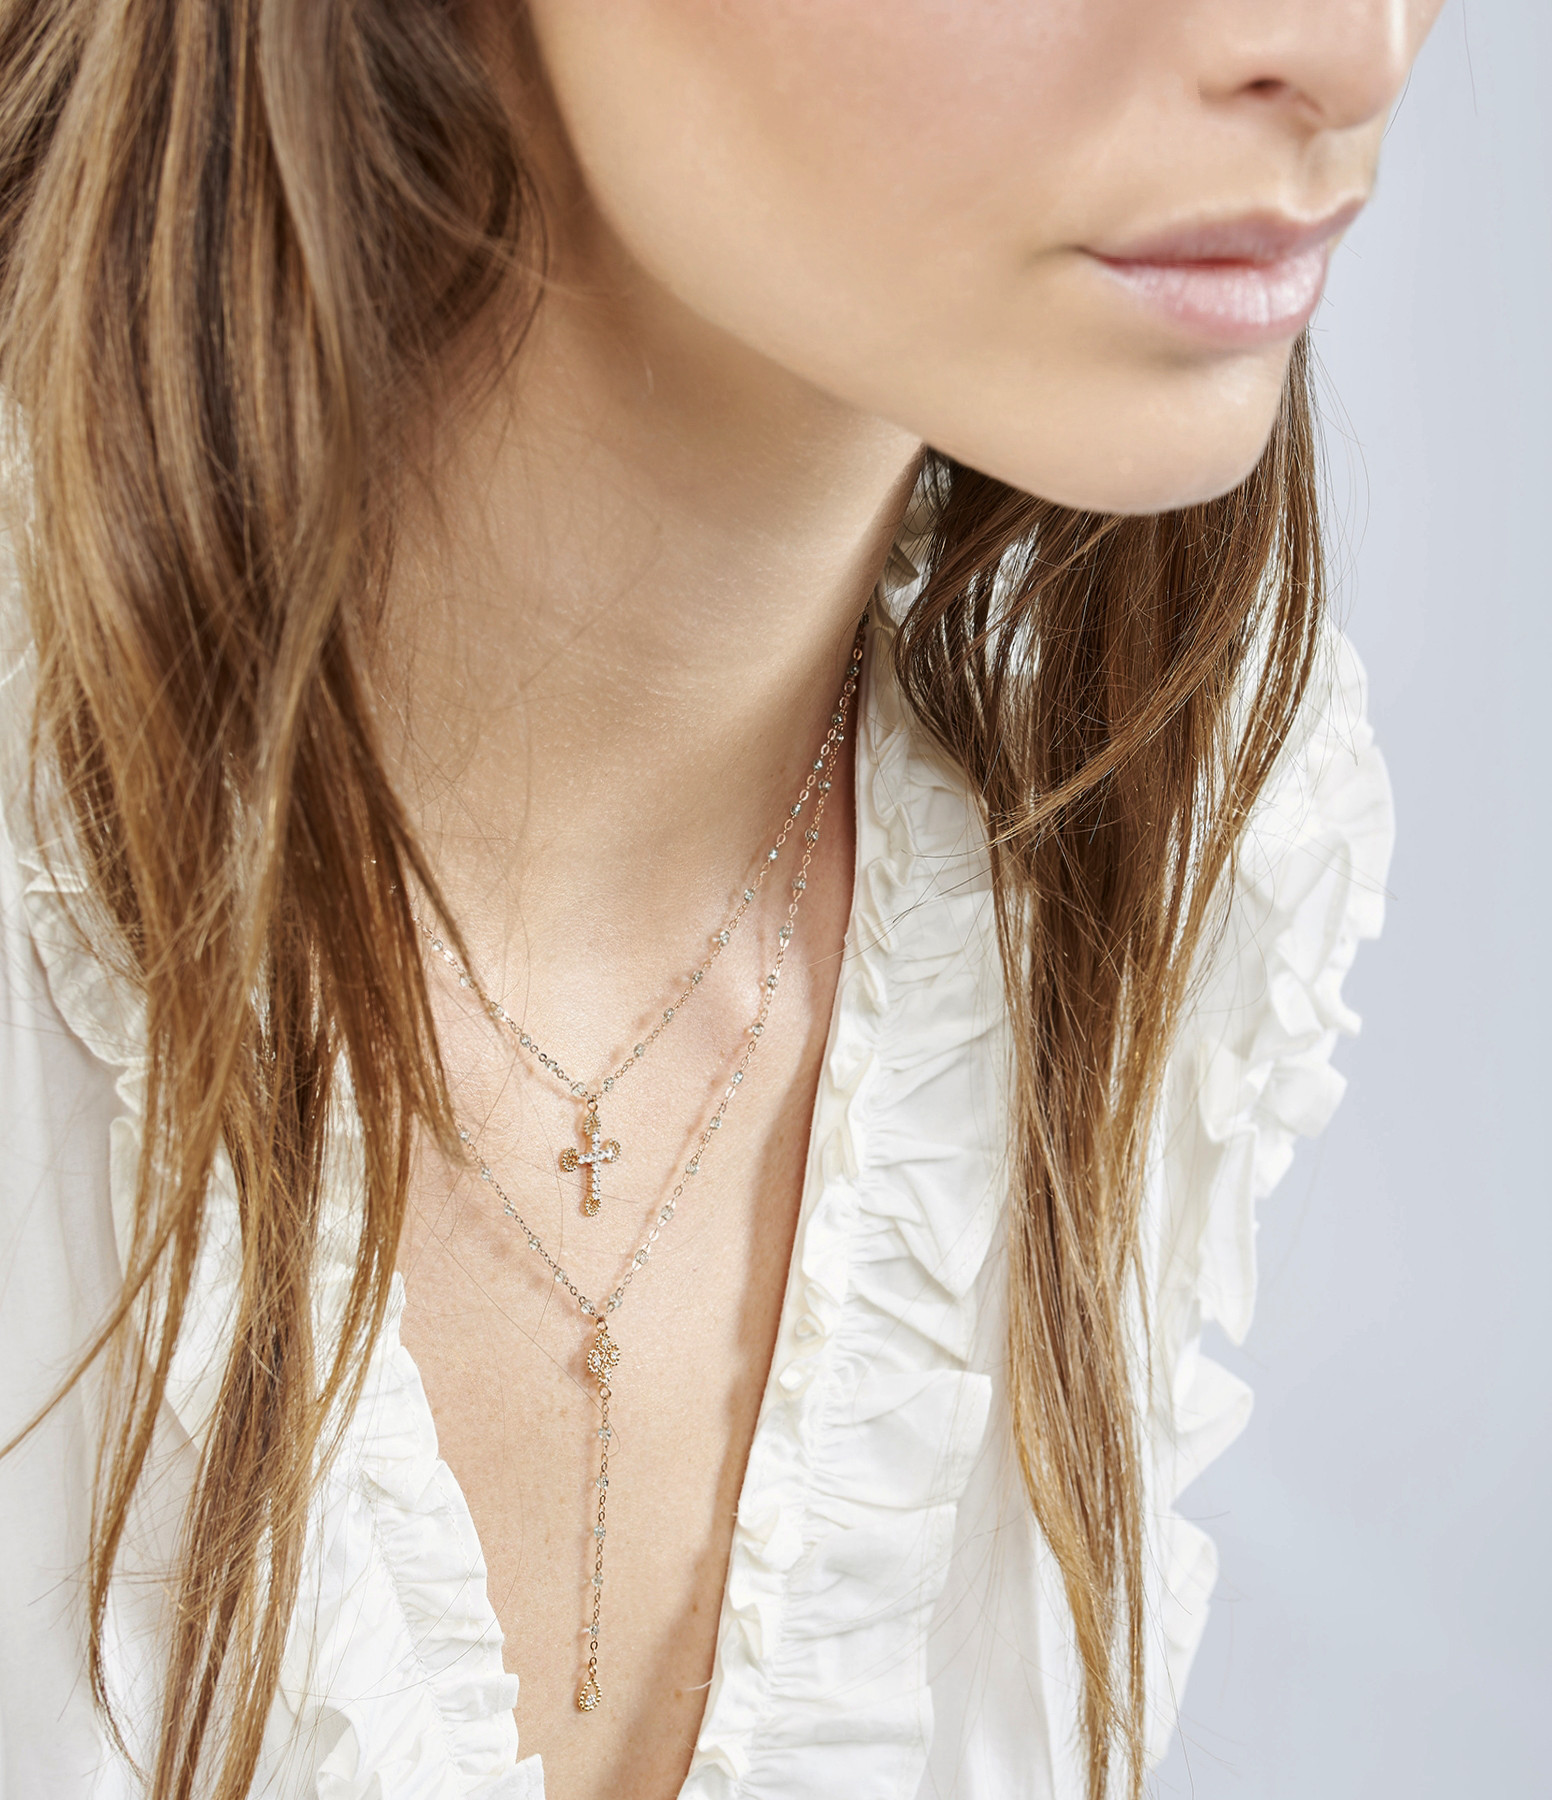 GIGI CLOZEAU - Collier Croix Romane Perles Résine Or Diamants